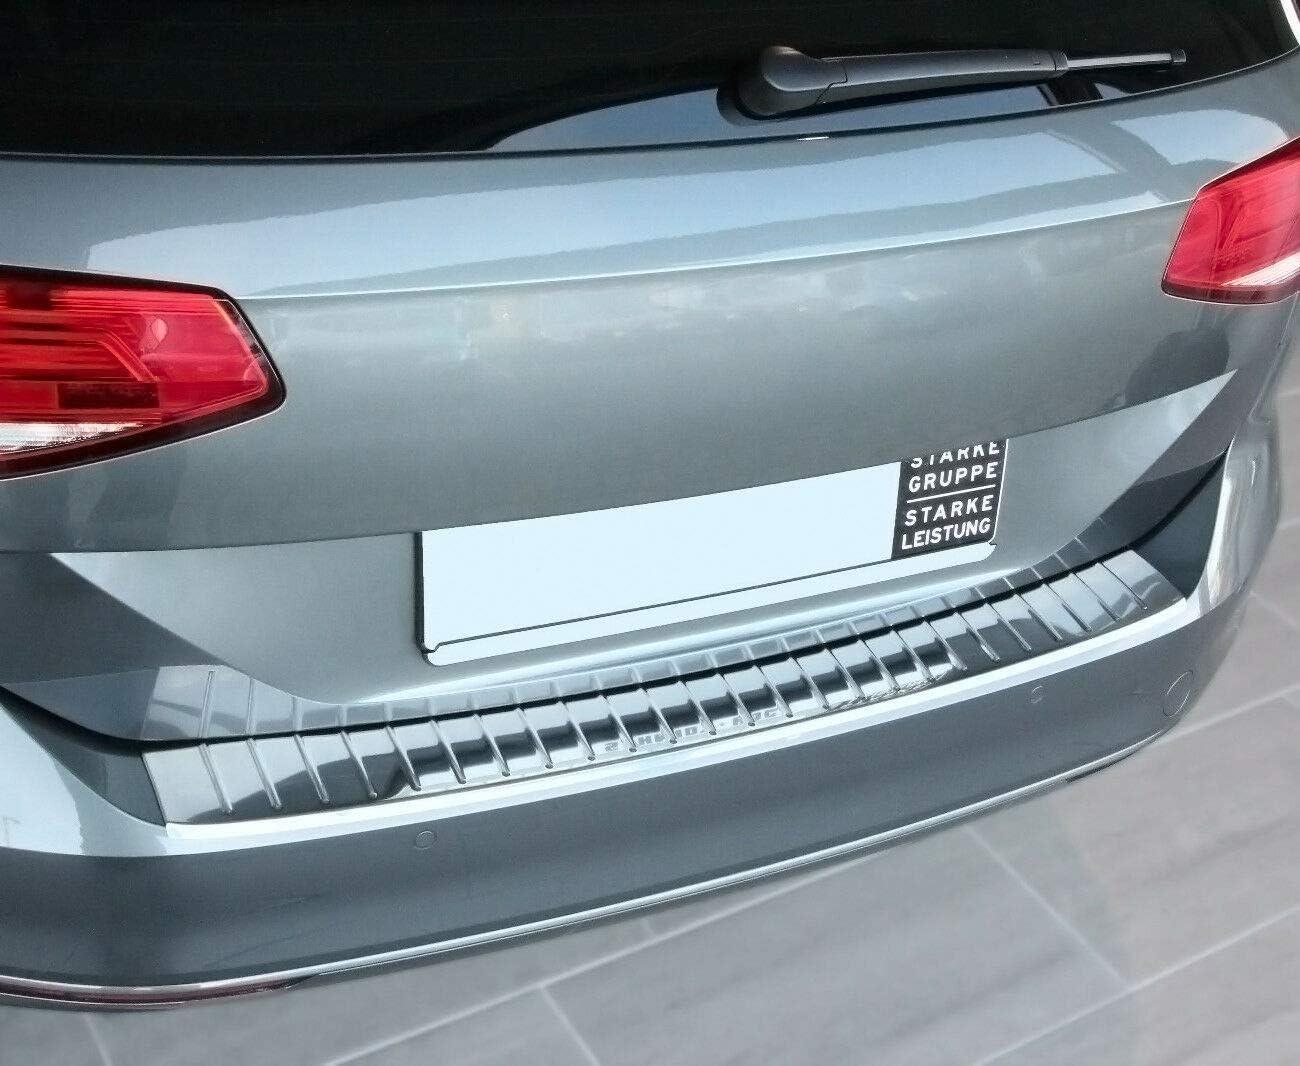 Recambo CT-LKS-2410 Protection de seuil de Chargement en Acier Inoxydable Poli pour VW Passat B8 Variant Vieux Cadre /à partir de 2014 Grand Format